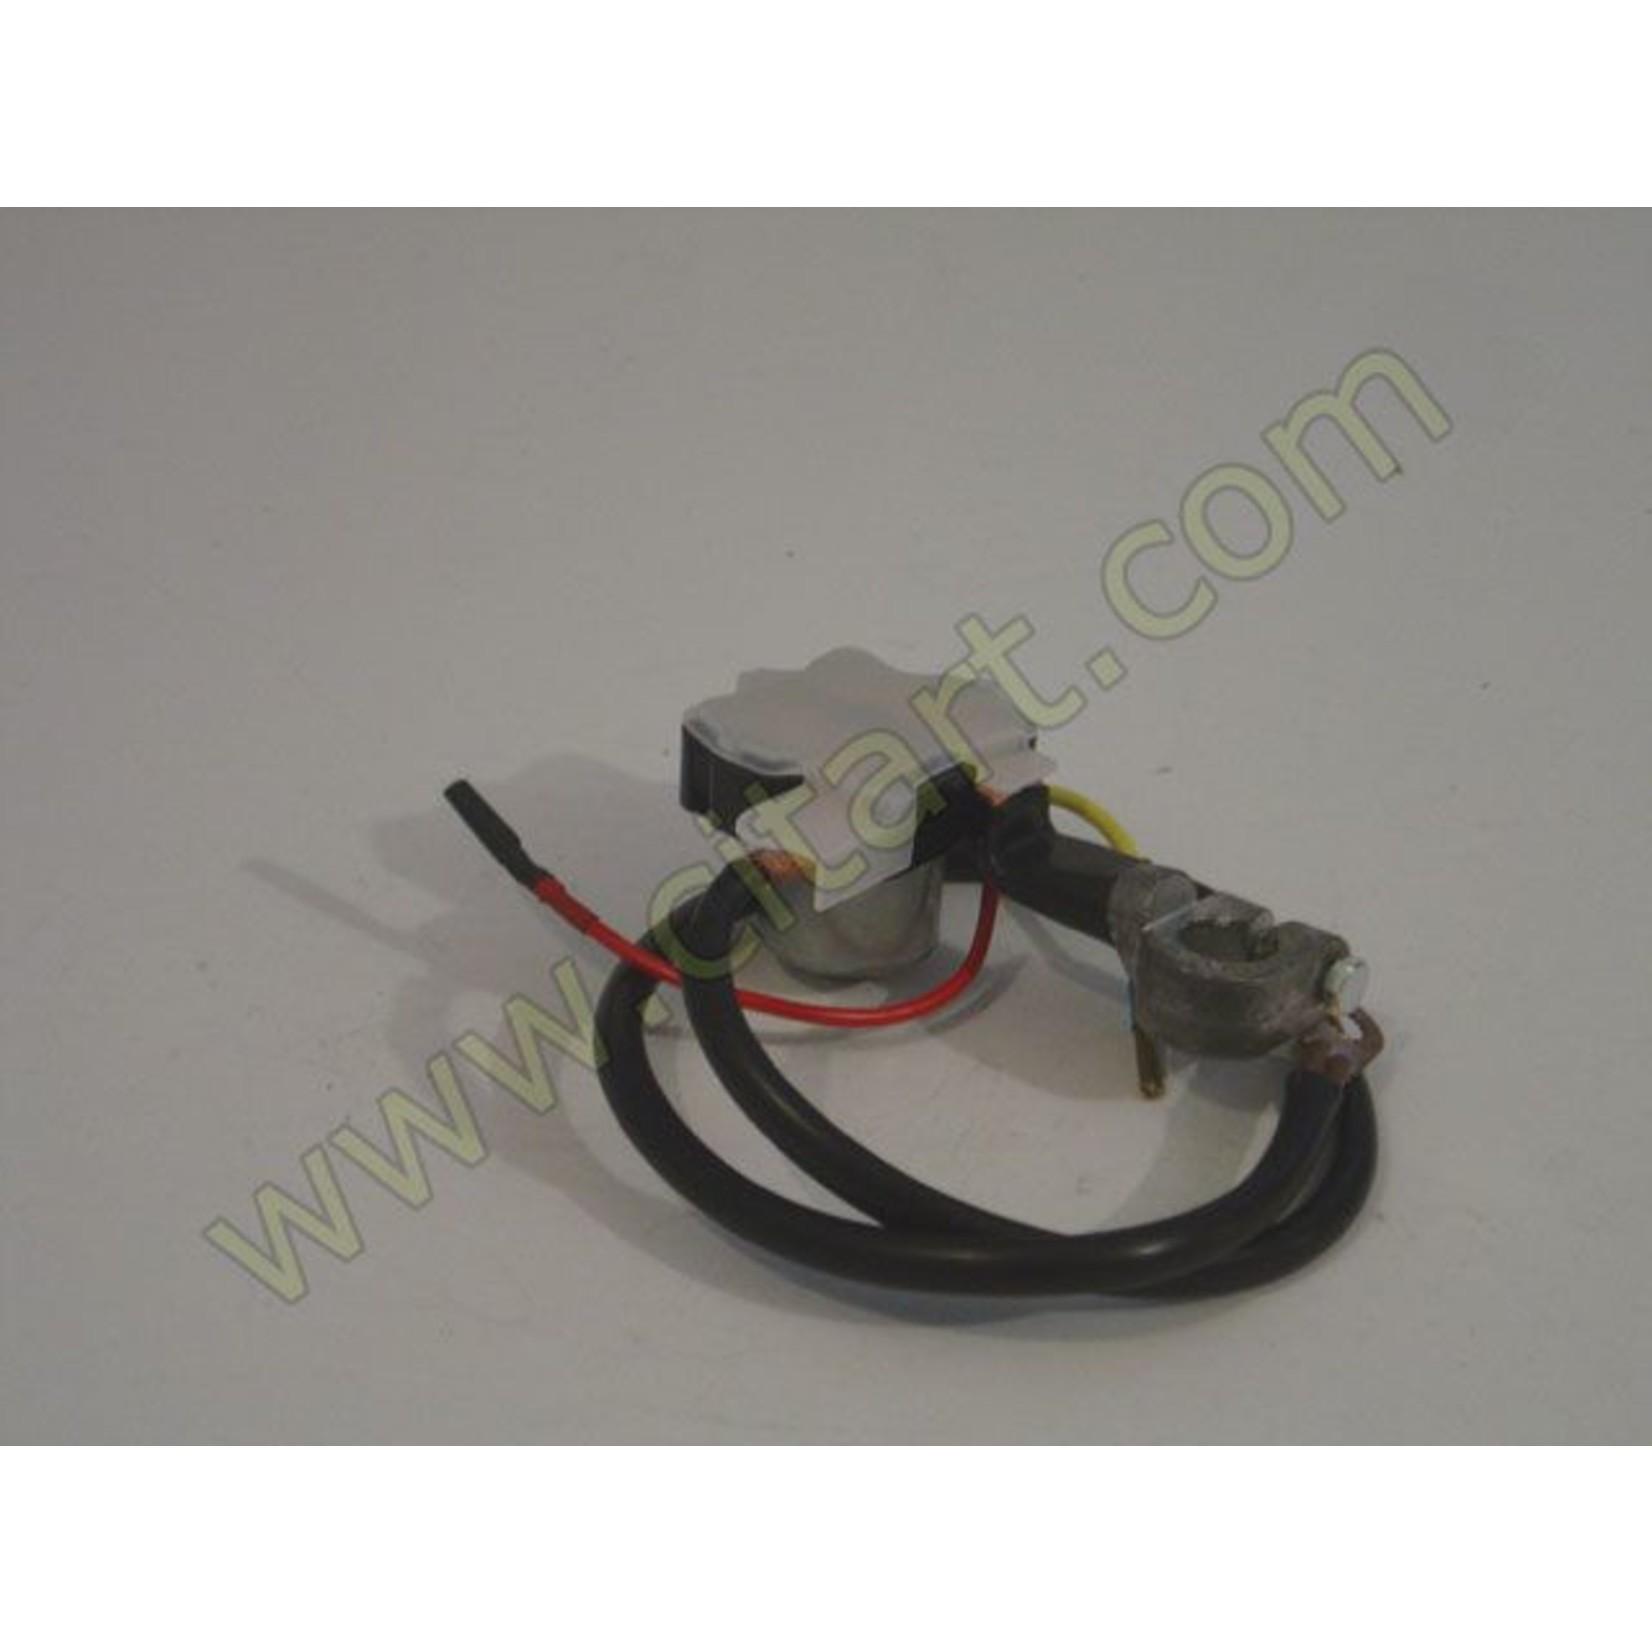 Rele gelbon bateria derecha 55cm Nr Org: DM52401A